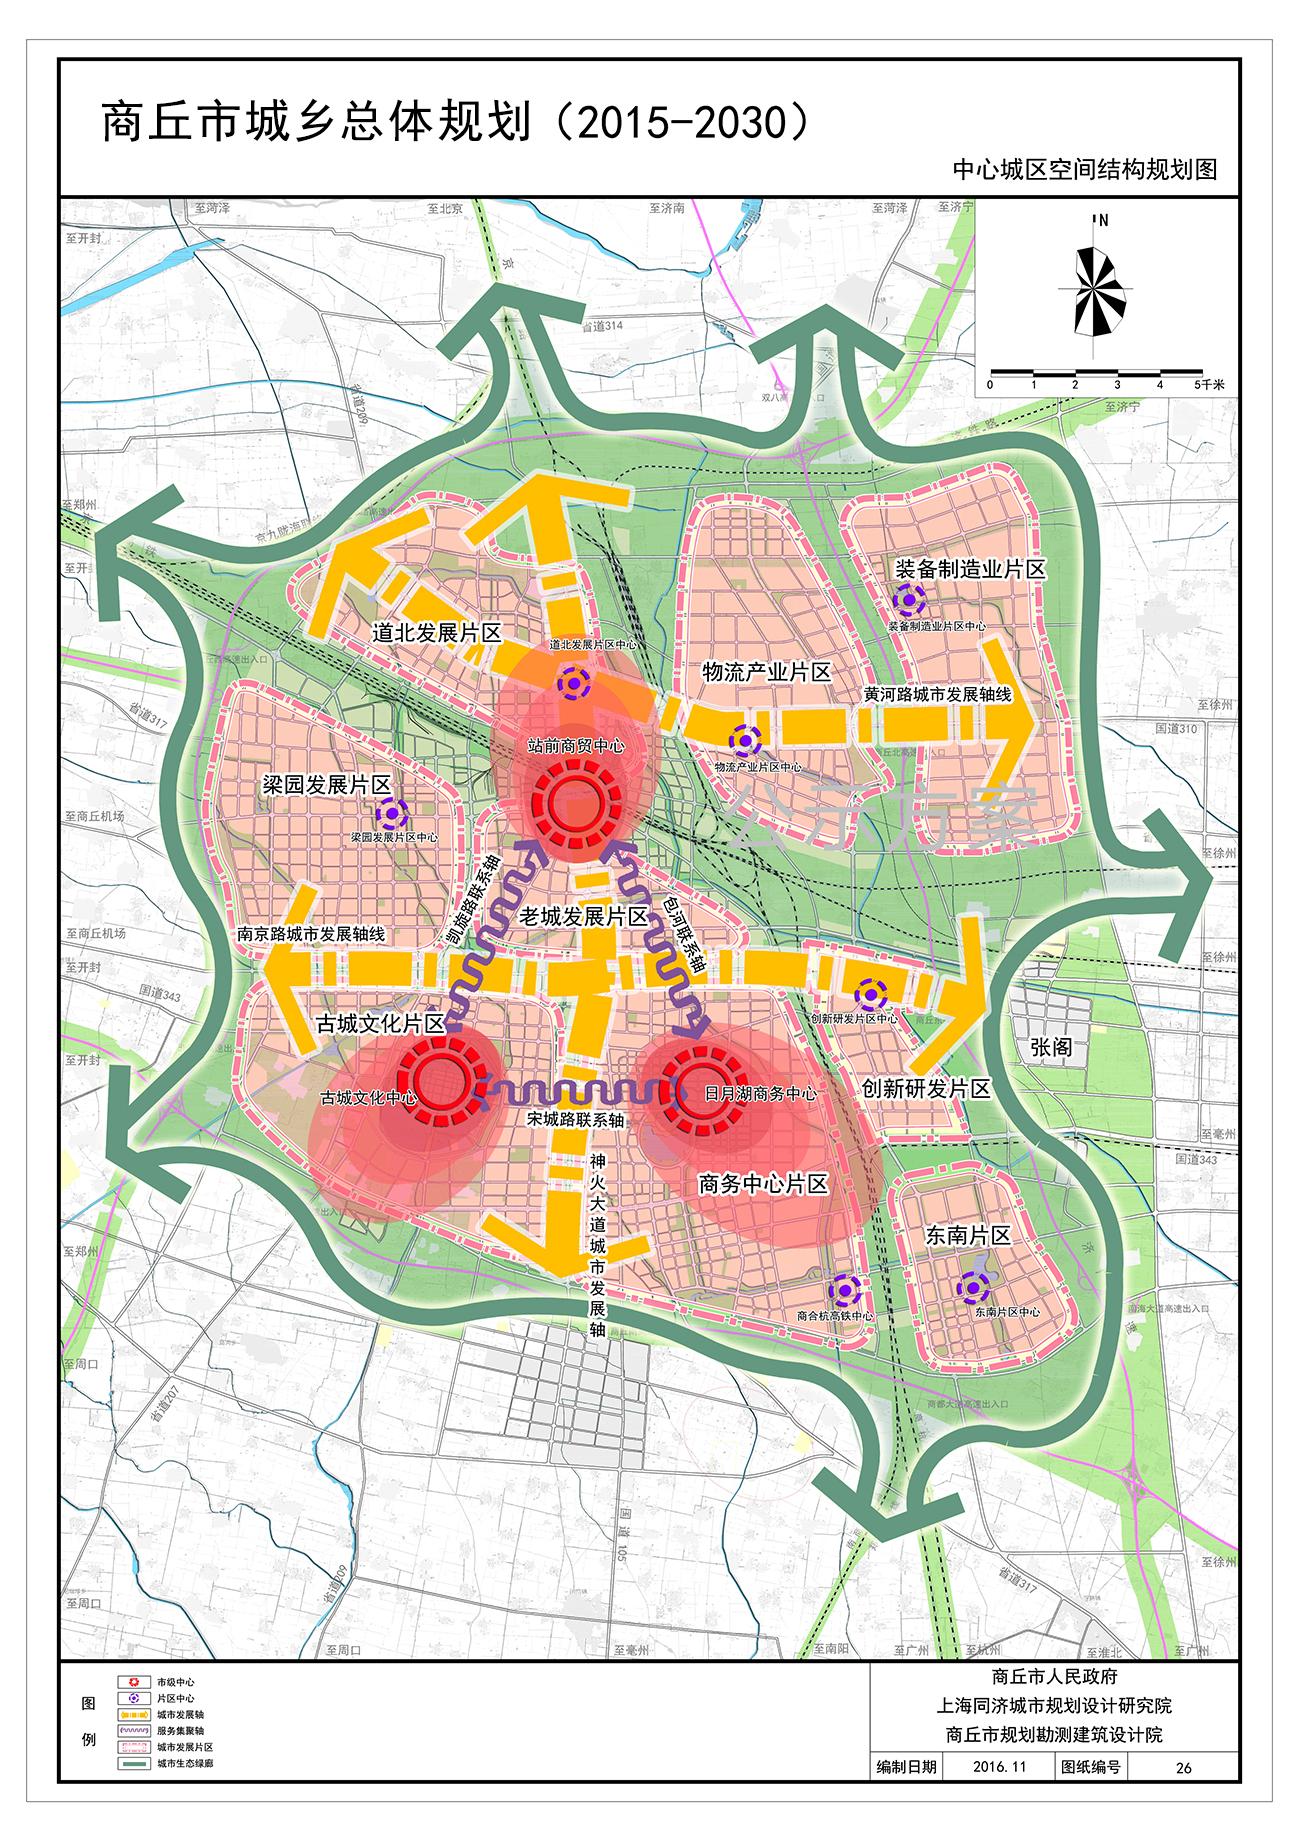 商丘中心城区规划图遭曝光 城市向东南发展,四环生活圈将形成